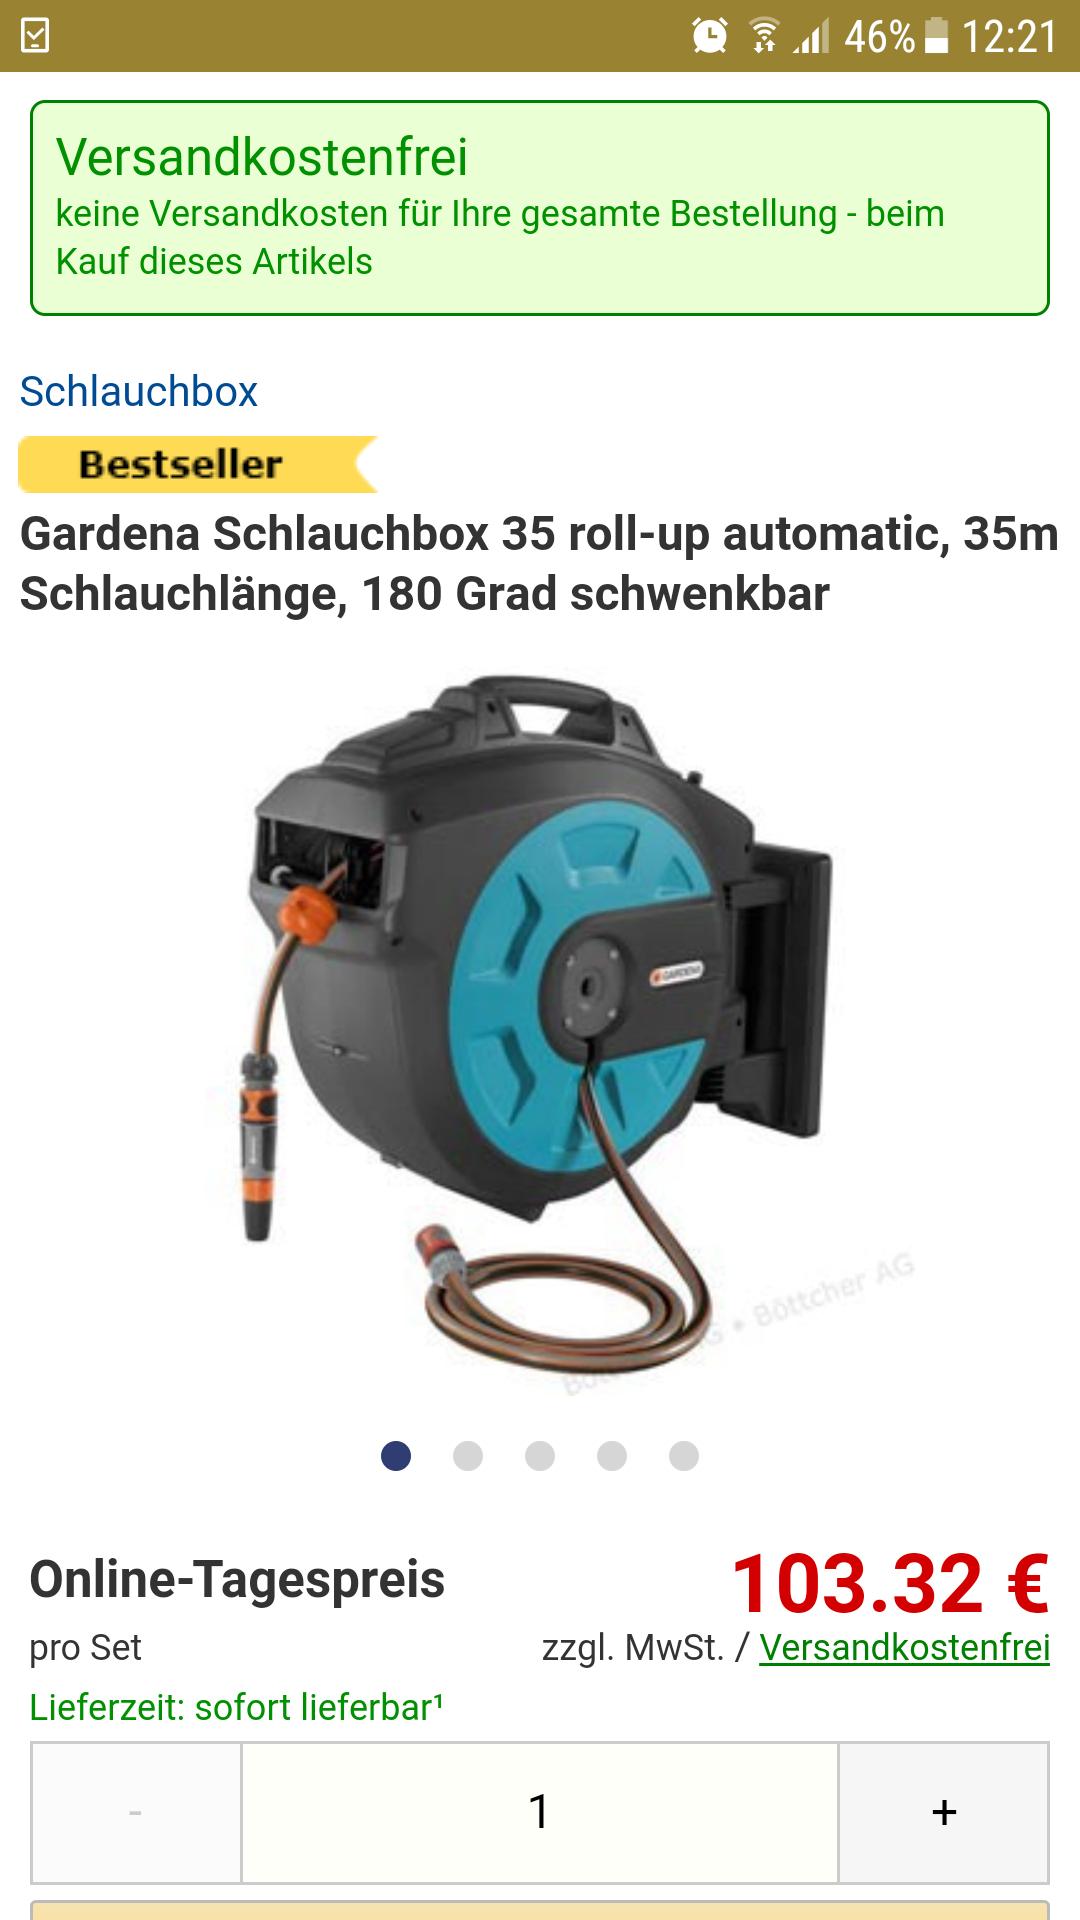 Gardena Schlauchbox 35 roll-up automatic, 35m Schlauchlänge, 180 Grad schwenkbar